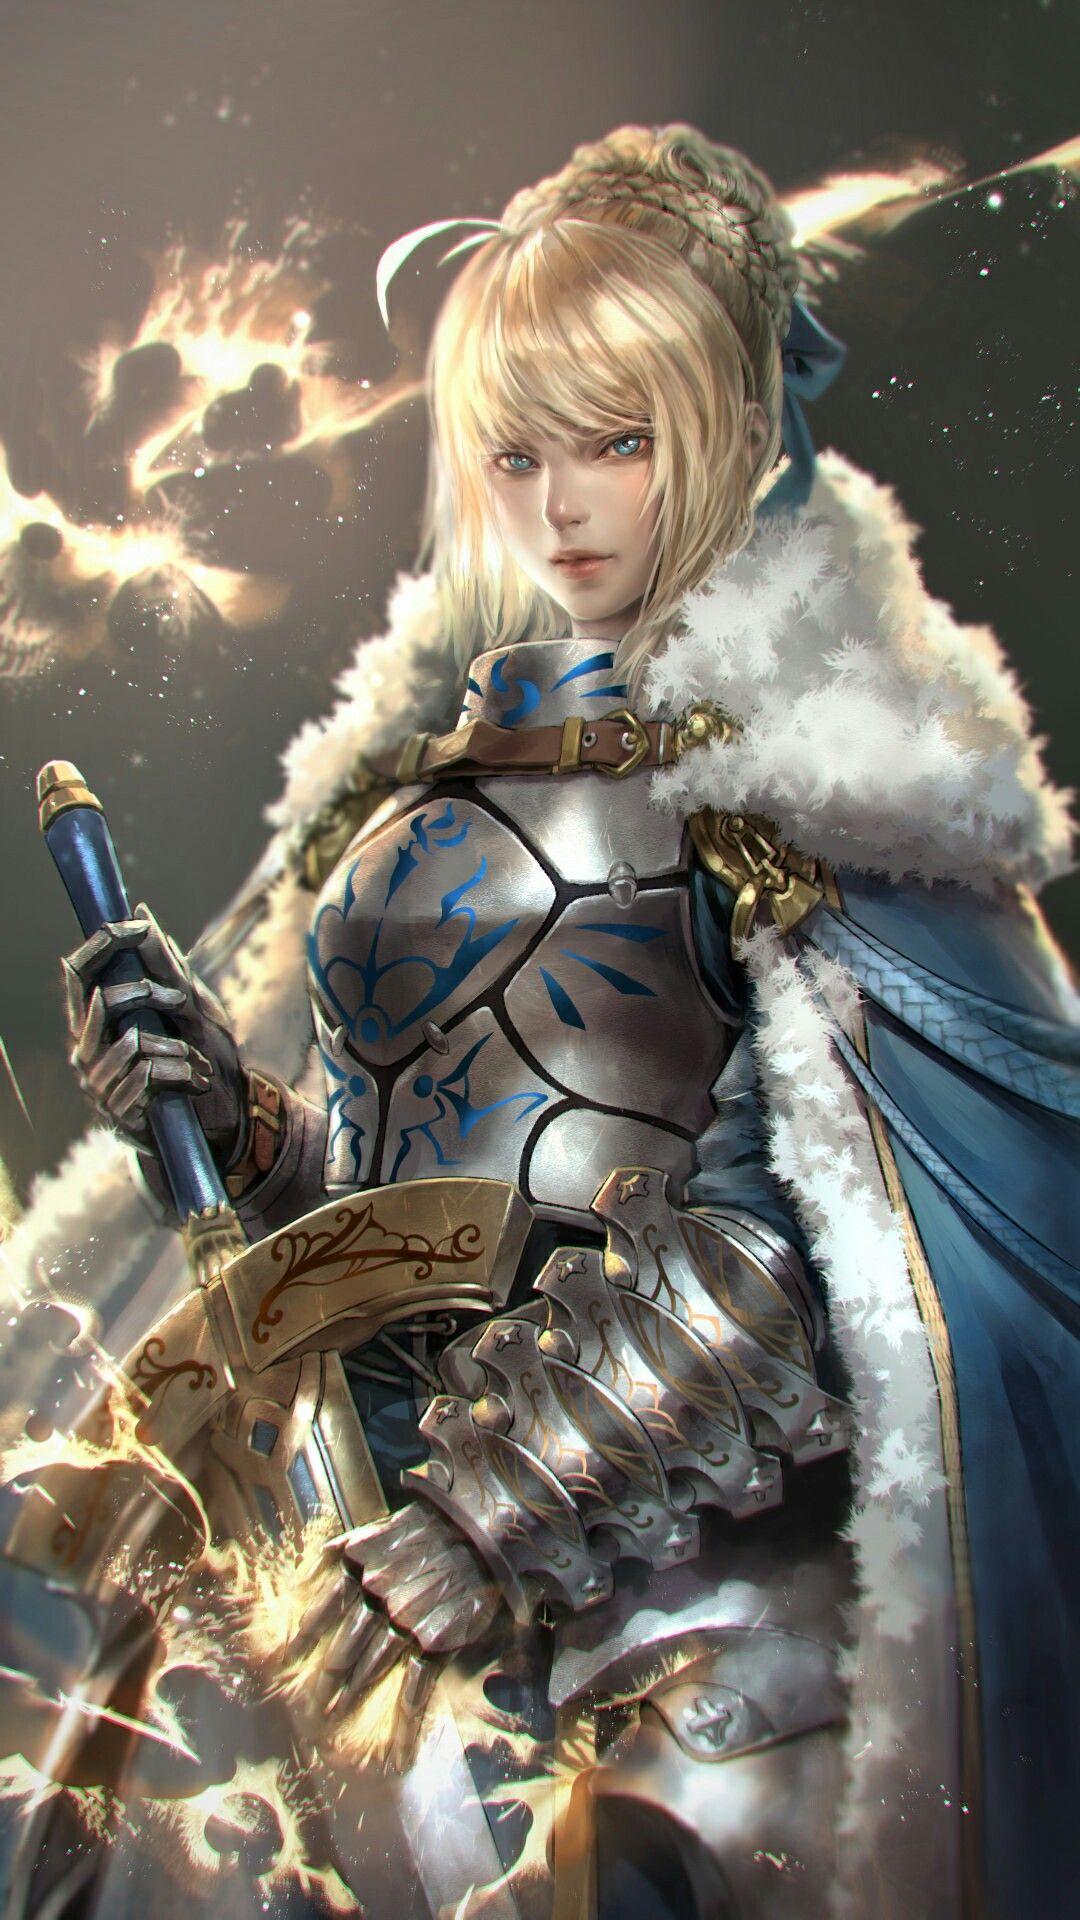 Saber Altria_Pendragon Fate_Zero Fate_Stay_Night Fate